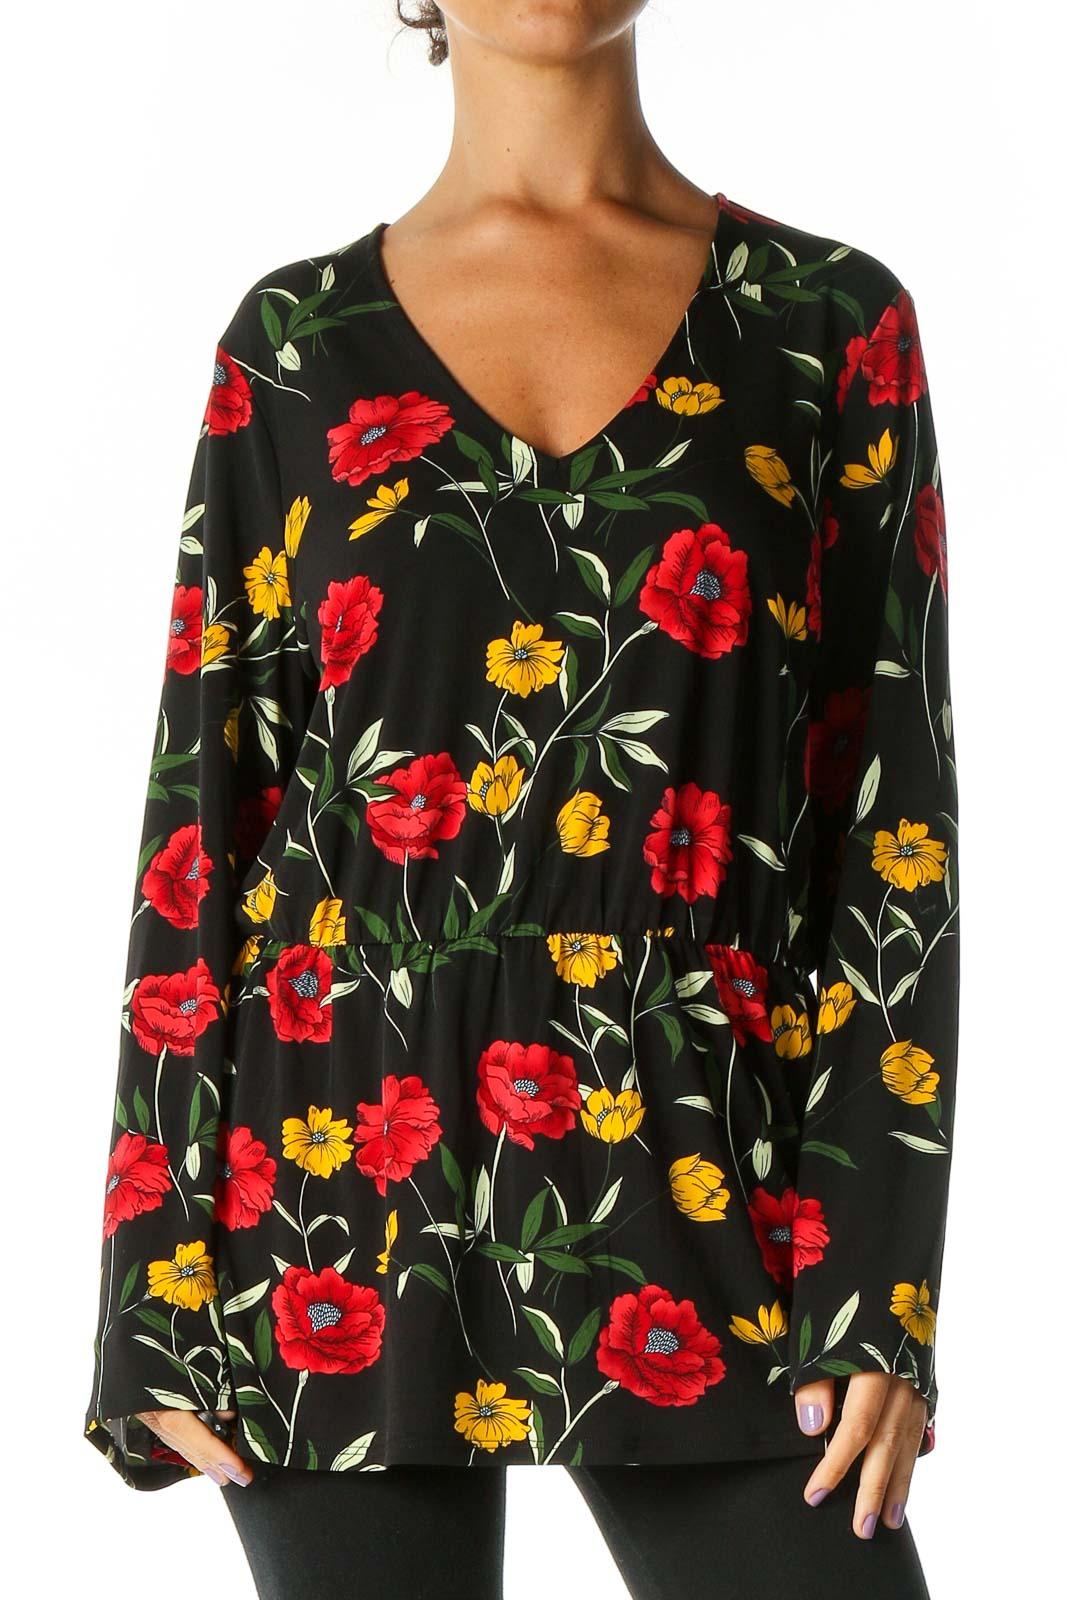 Black Floral Print Retro Blouse Front